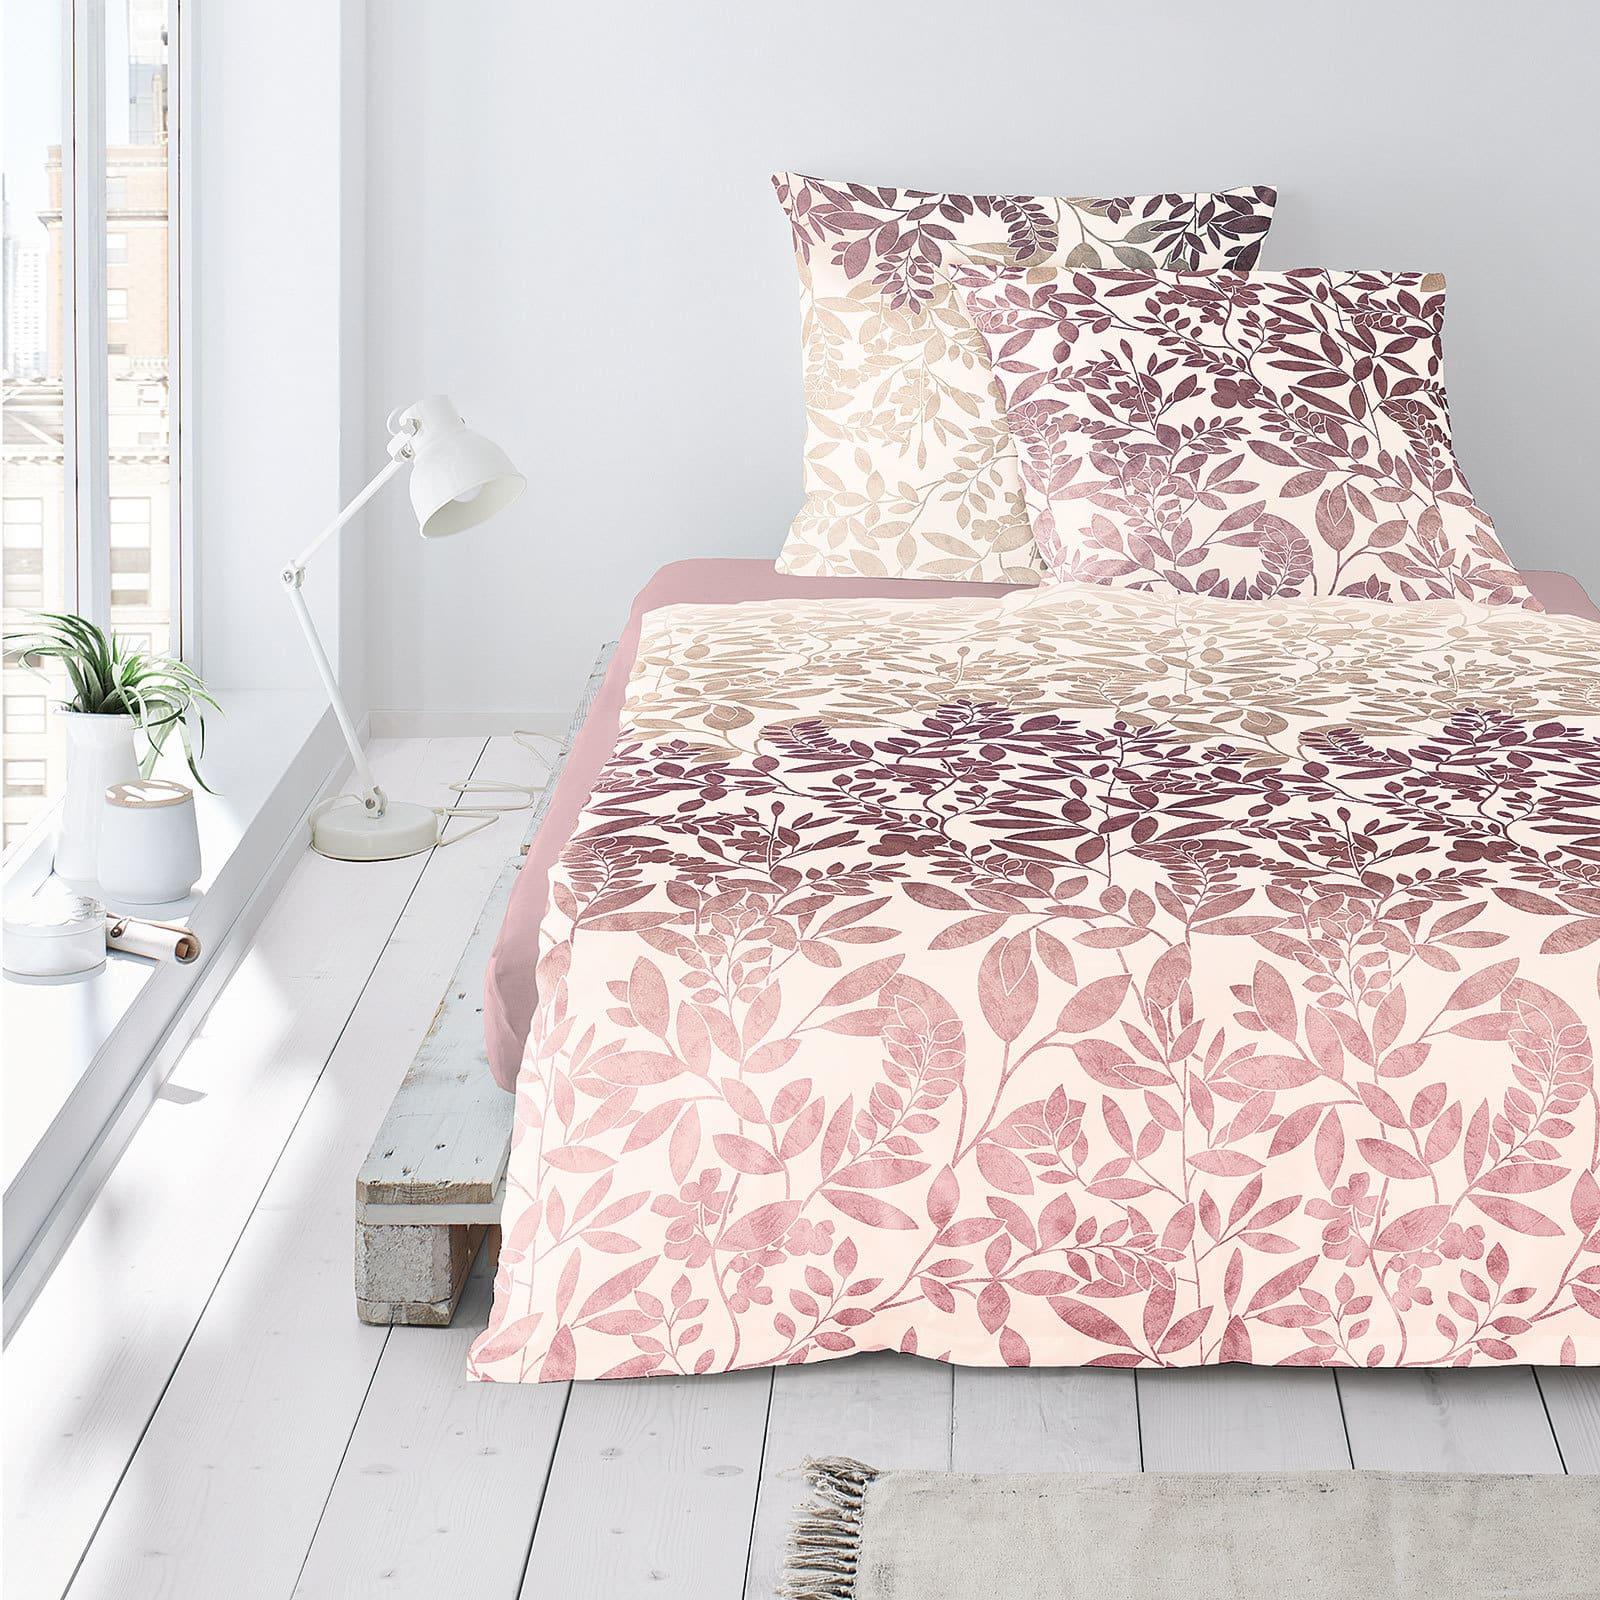 irisette biber bettw sche davos 8029 70 g nstig online kaufen bei bettwaren shop. Black Bedroom Furniture Sets. Home Design Ideas